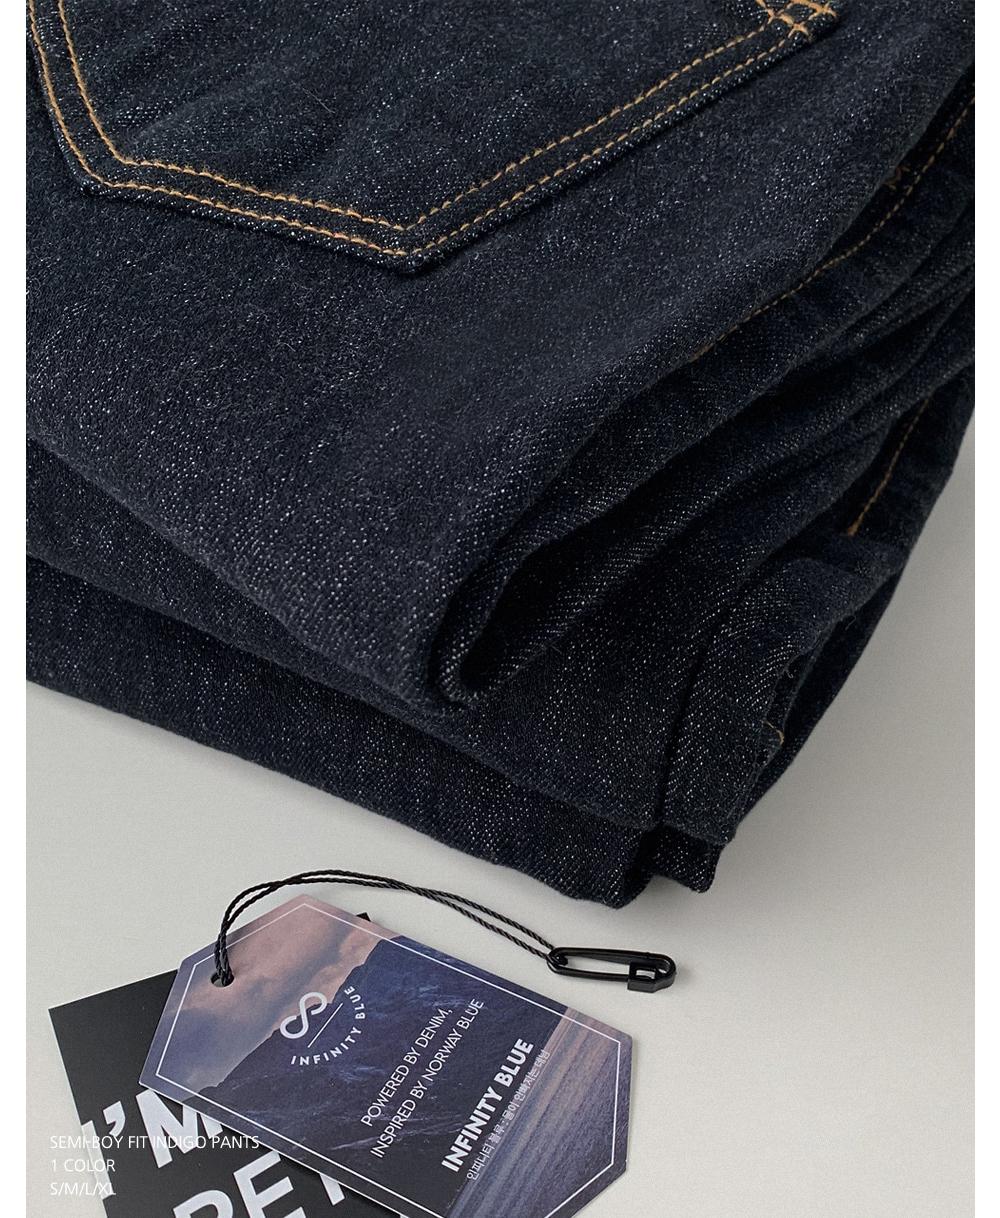 accessories detail image-S1L4